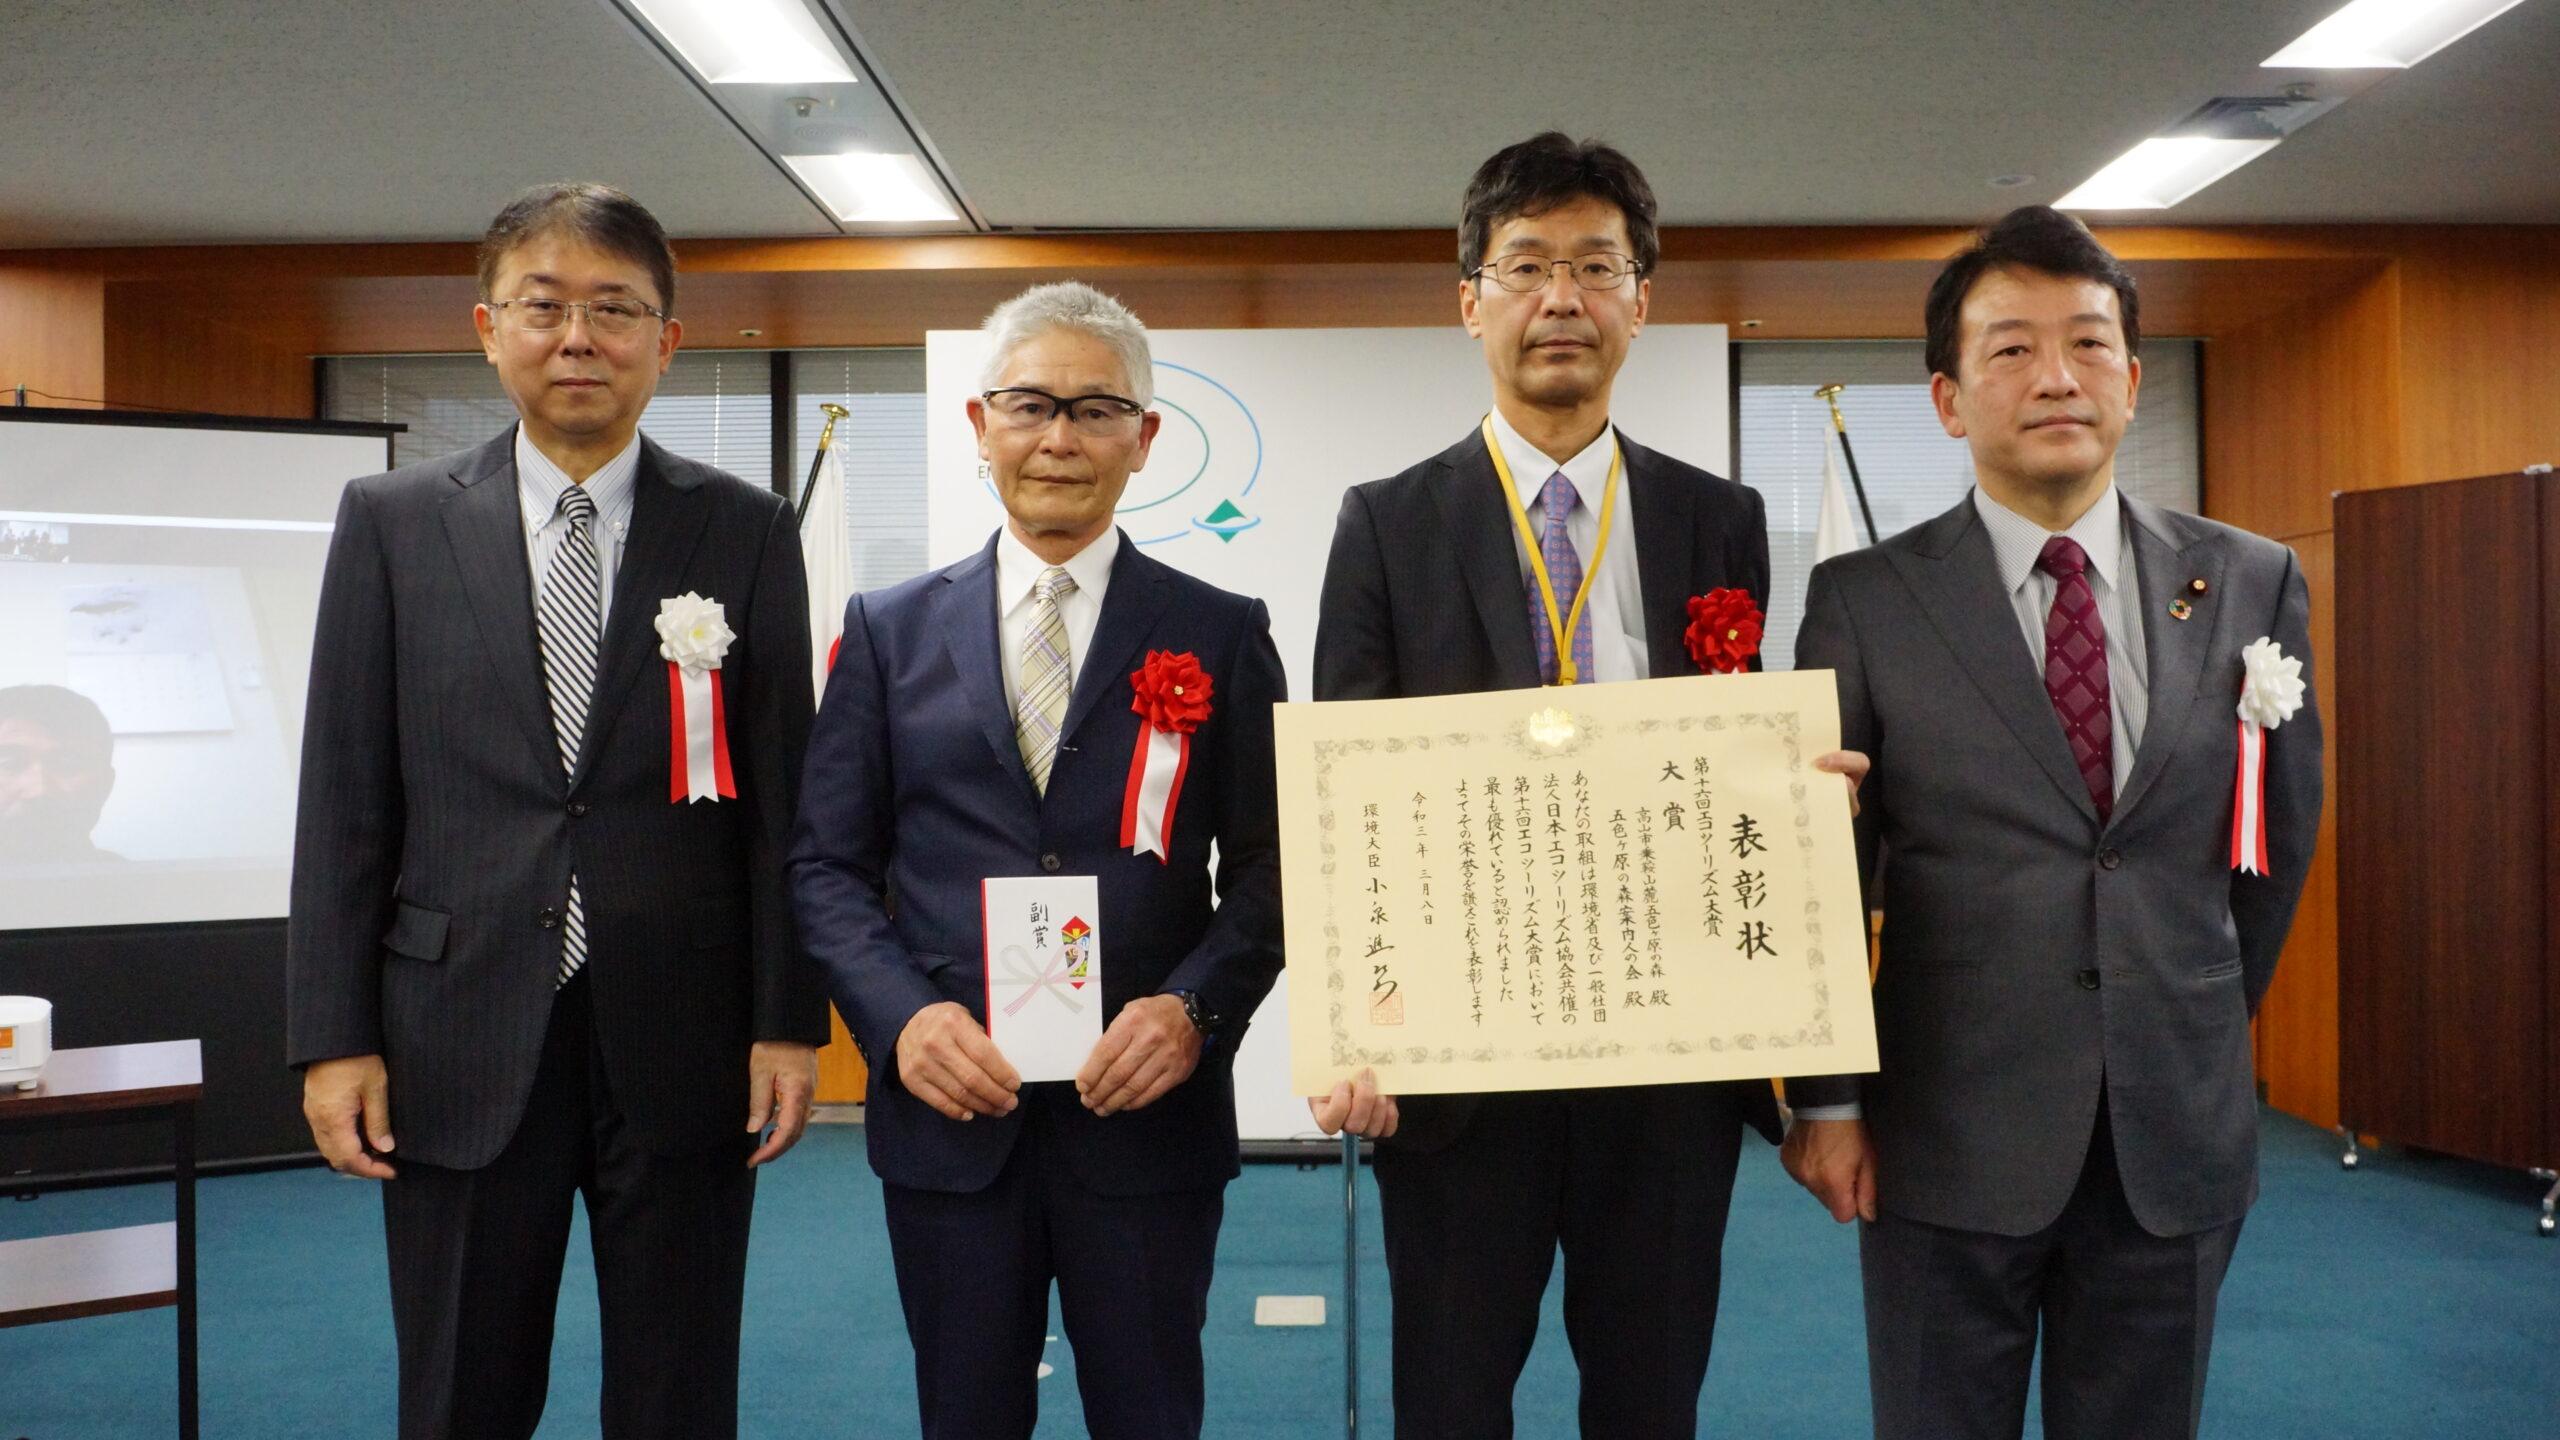 第16回日本エコツーリズム大賞